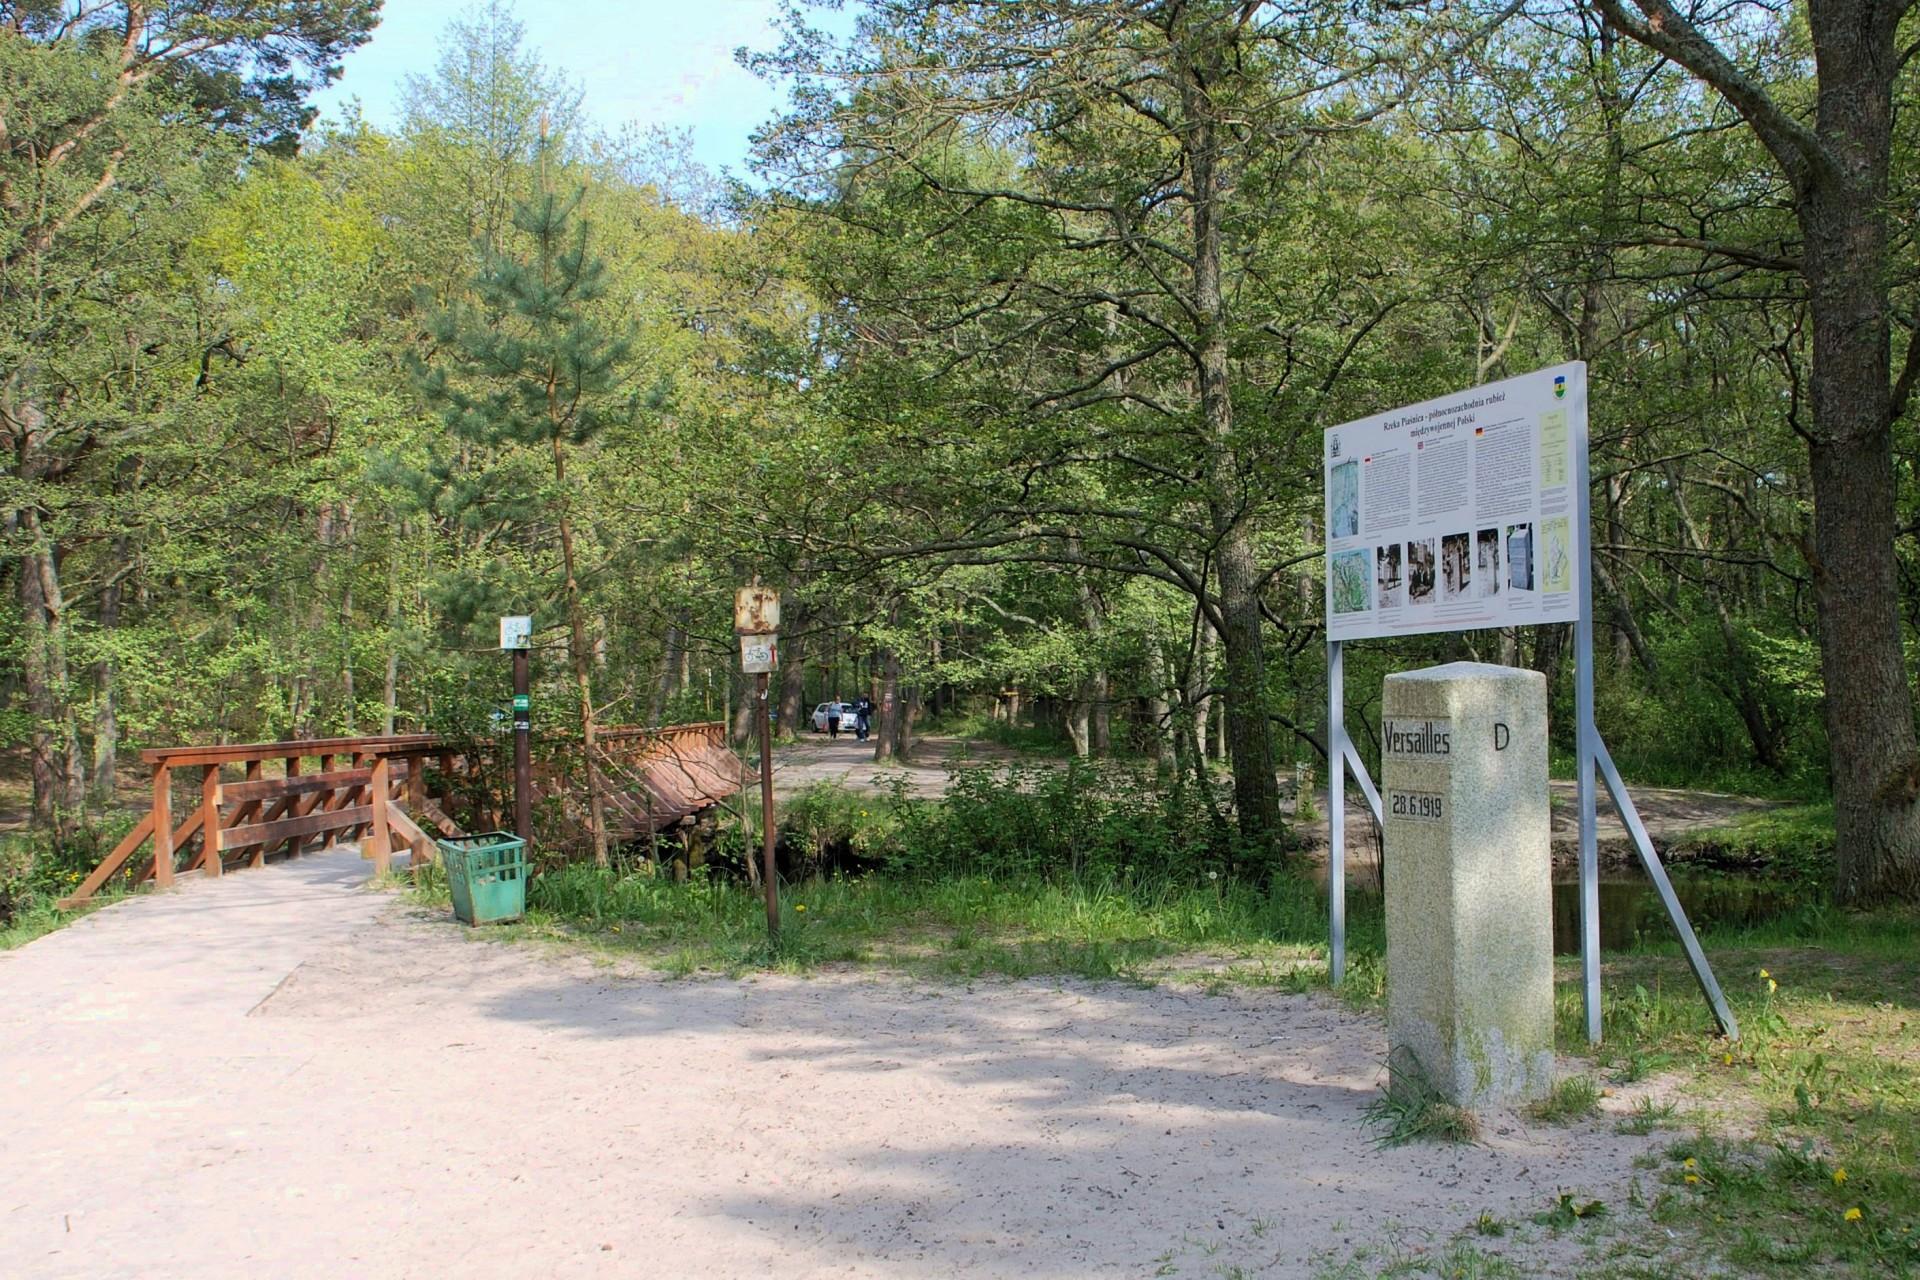 Fot.: Dębki, Słup graniczny, źródło: Wikipedia, autor: Henryk Bielamowicz